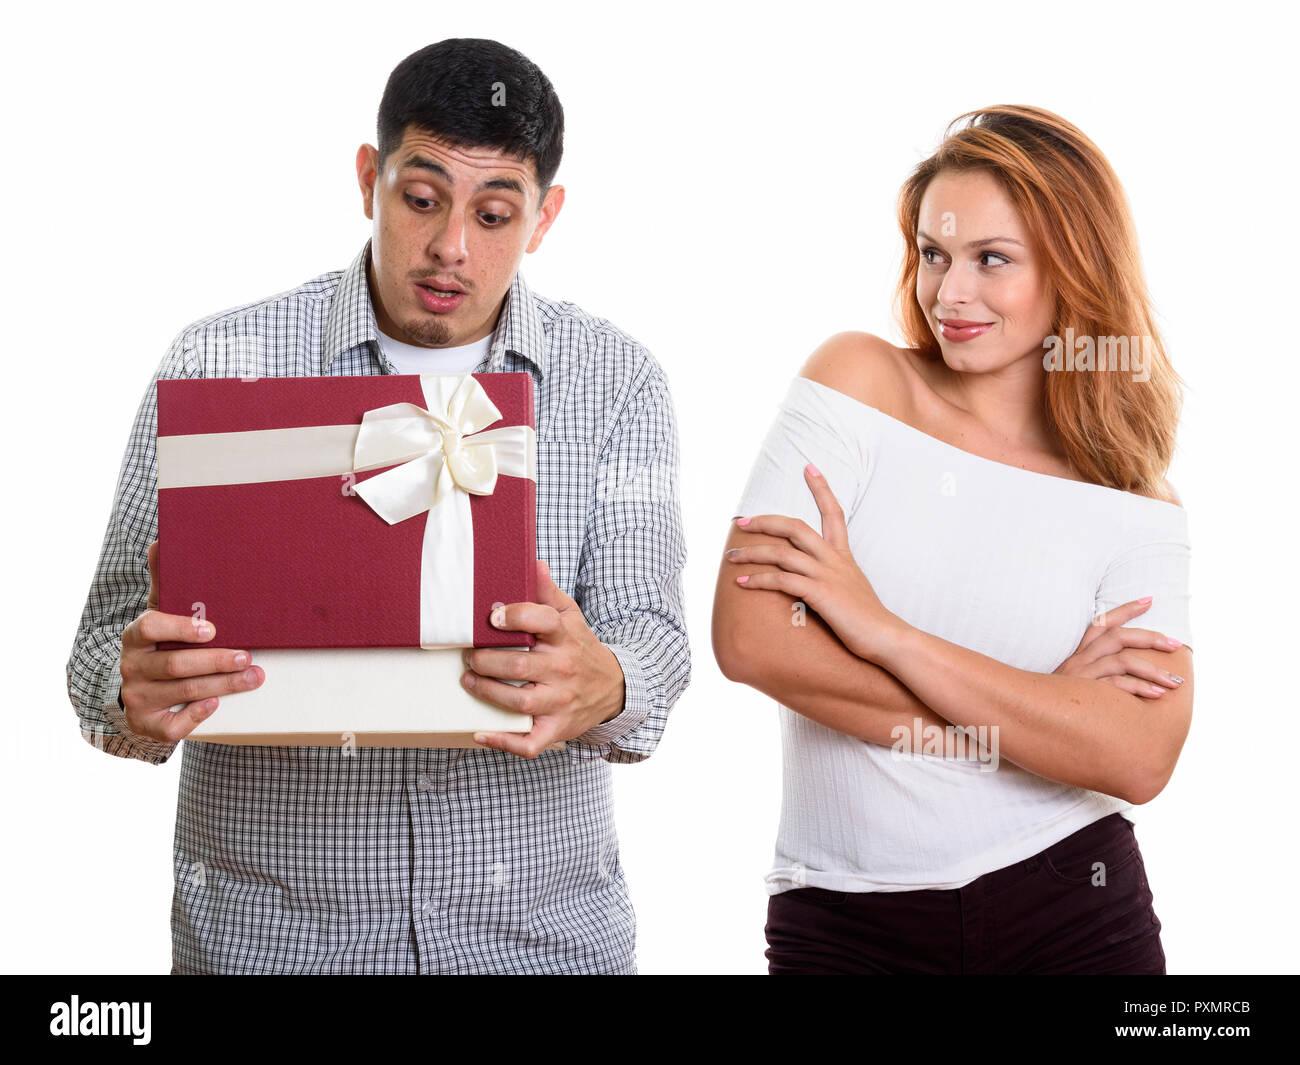 Bedste latin dating site ægteskab